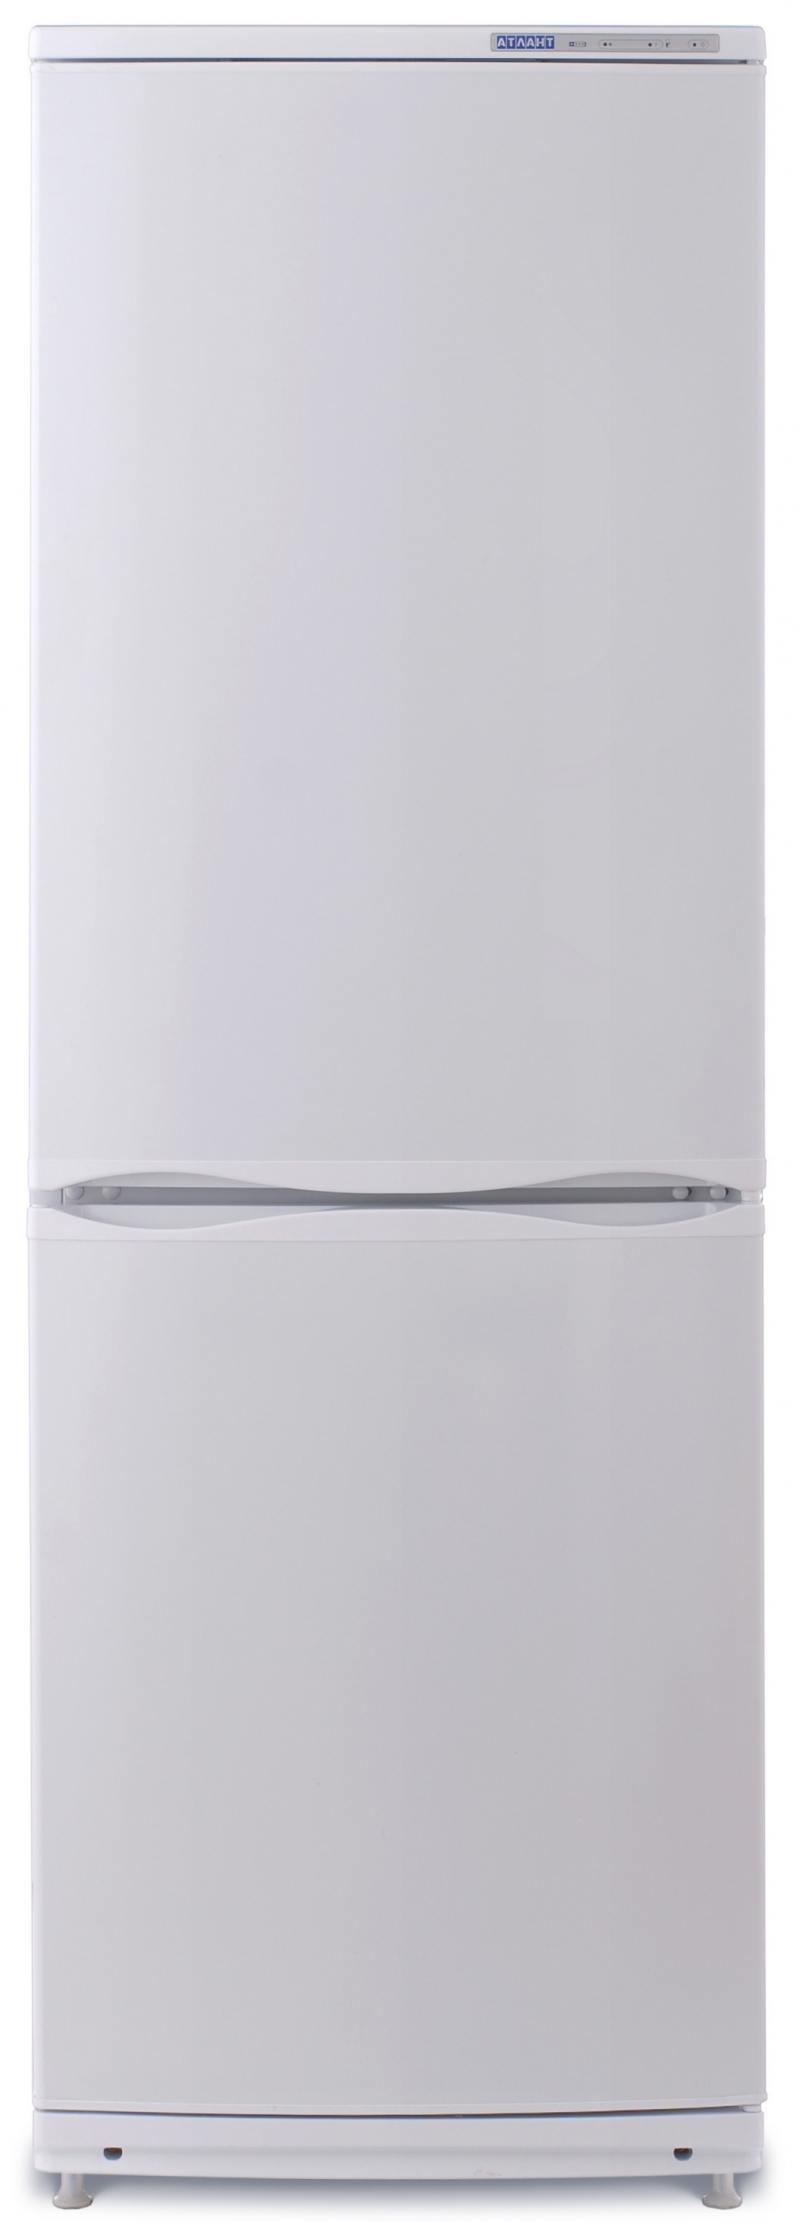 Холодильник ATLANT 4012-022 цена 2017